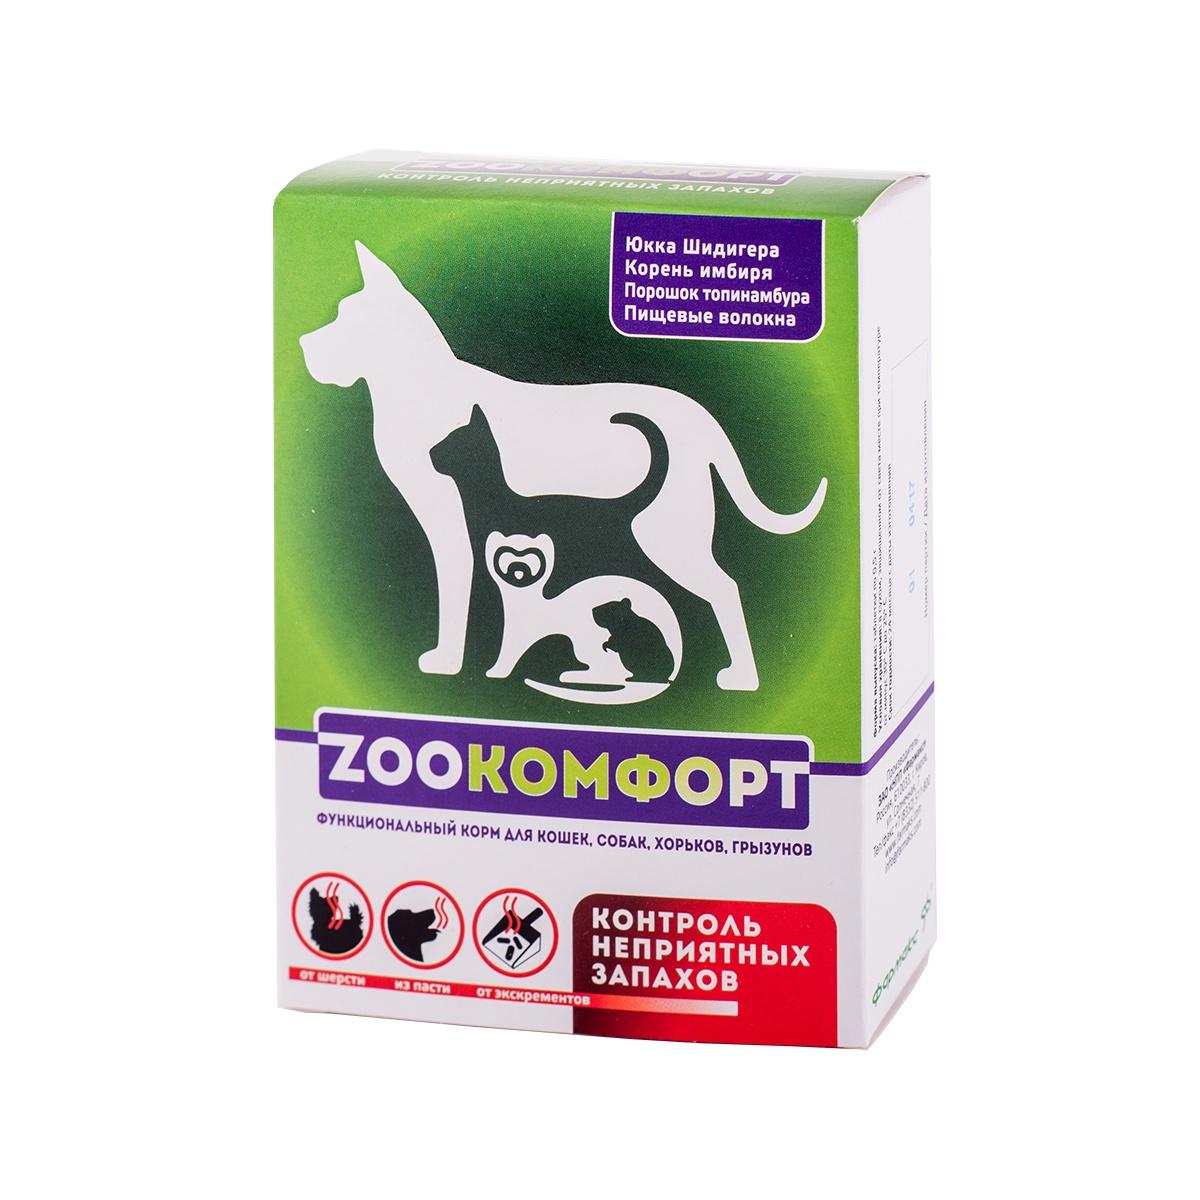 Zоокомфорт для кошек, собак, хорьков и грызунов, 90 таблеток  #1